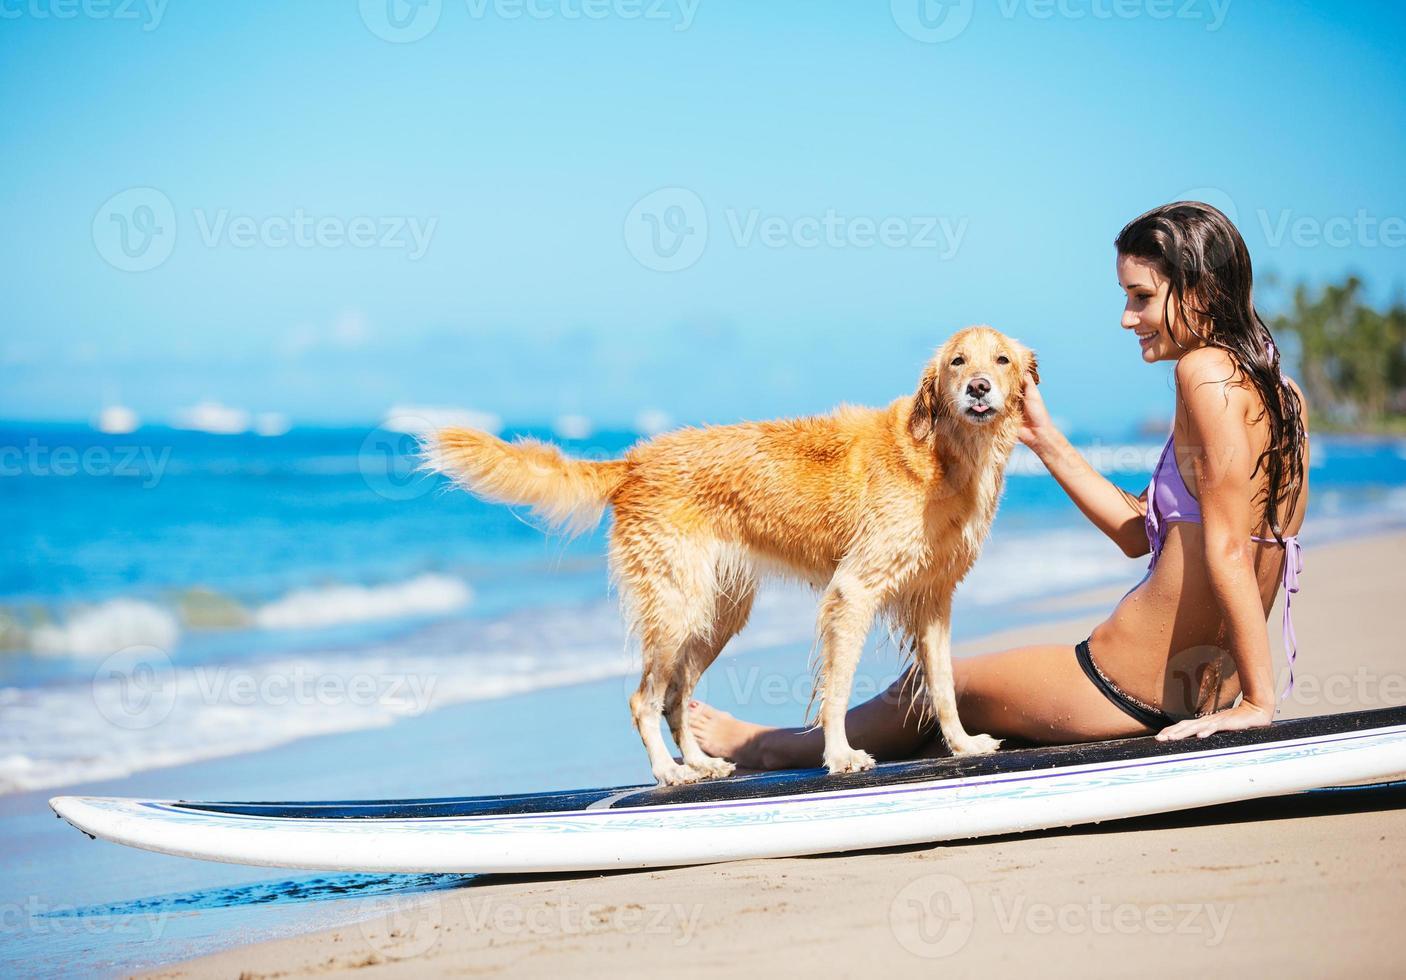 vrouw genieten van zonnige dag op het strand met haar hond foto